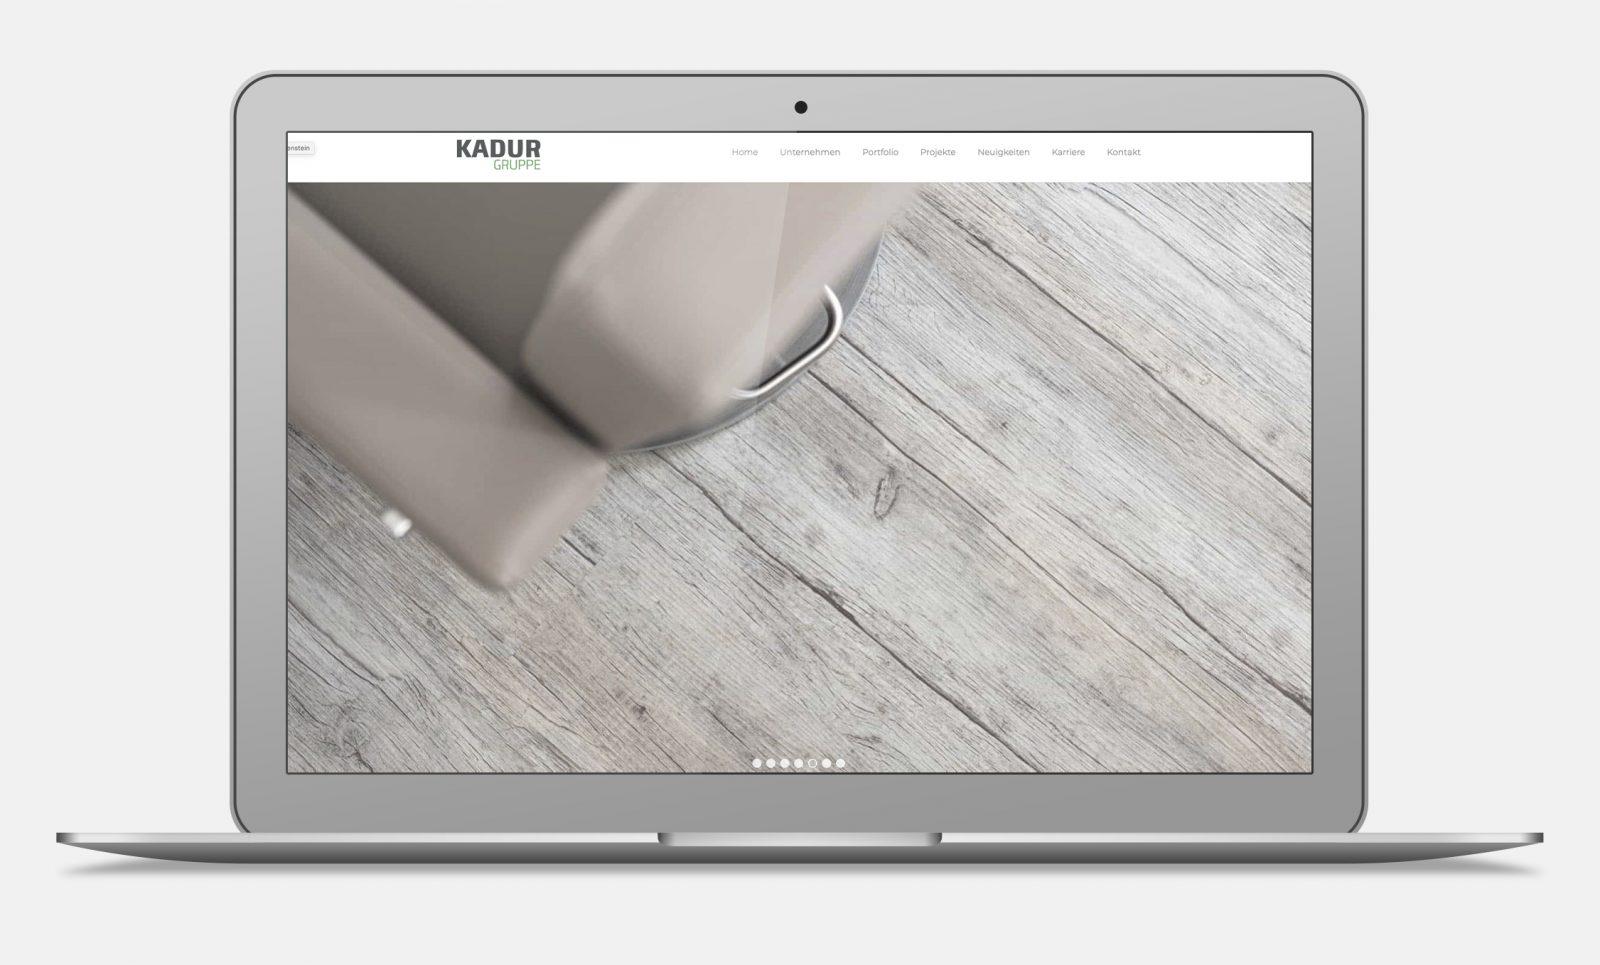 Webseite von Raumidee Kadurgruppe